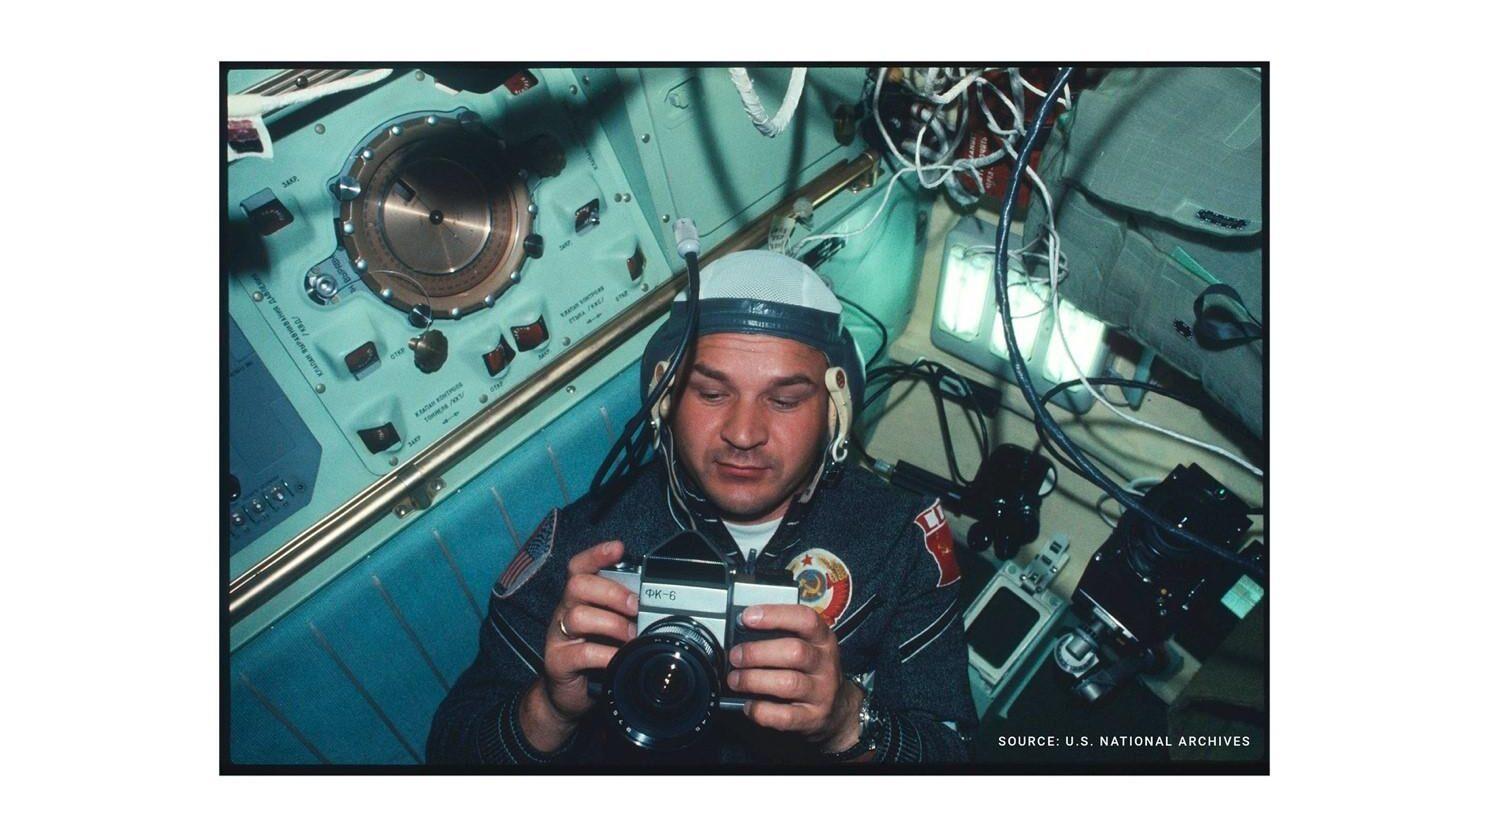 Командир экипажа «Союза-19» Алексей Леонов запечатлел своего коллегу — космонавта Валерия Кубасова с камерой ФК-6 в руках